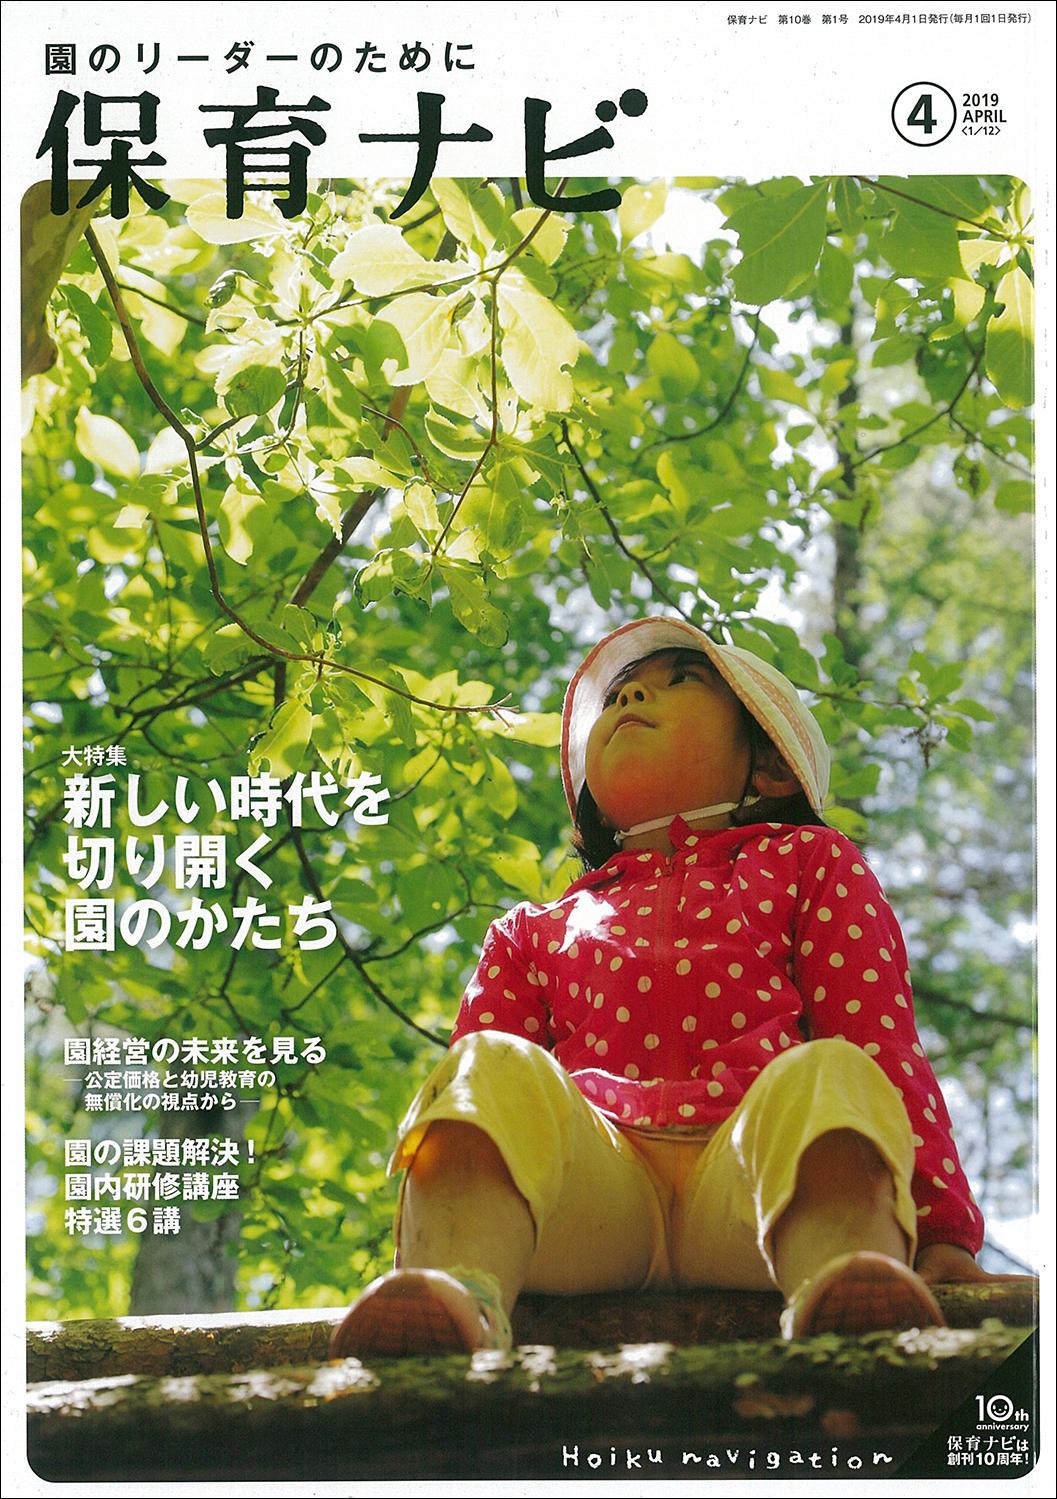 保育ナビ4月号 大特集「新しい時代を切り開く園のかたち」